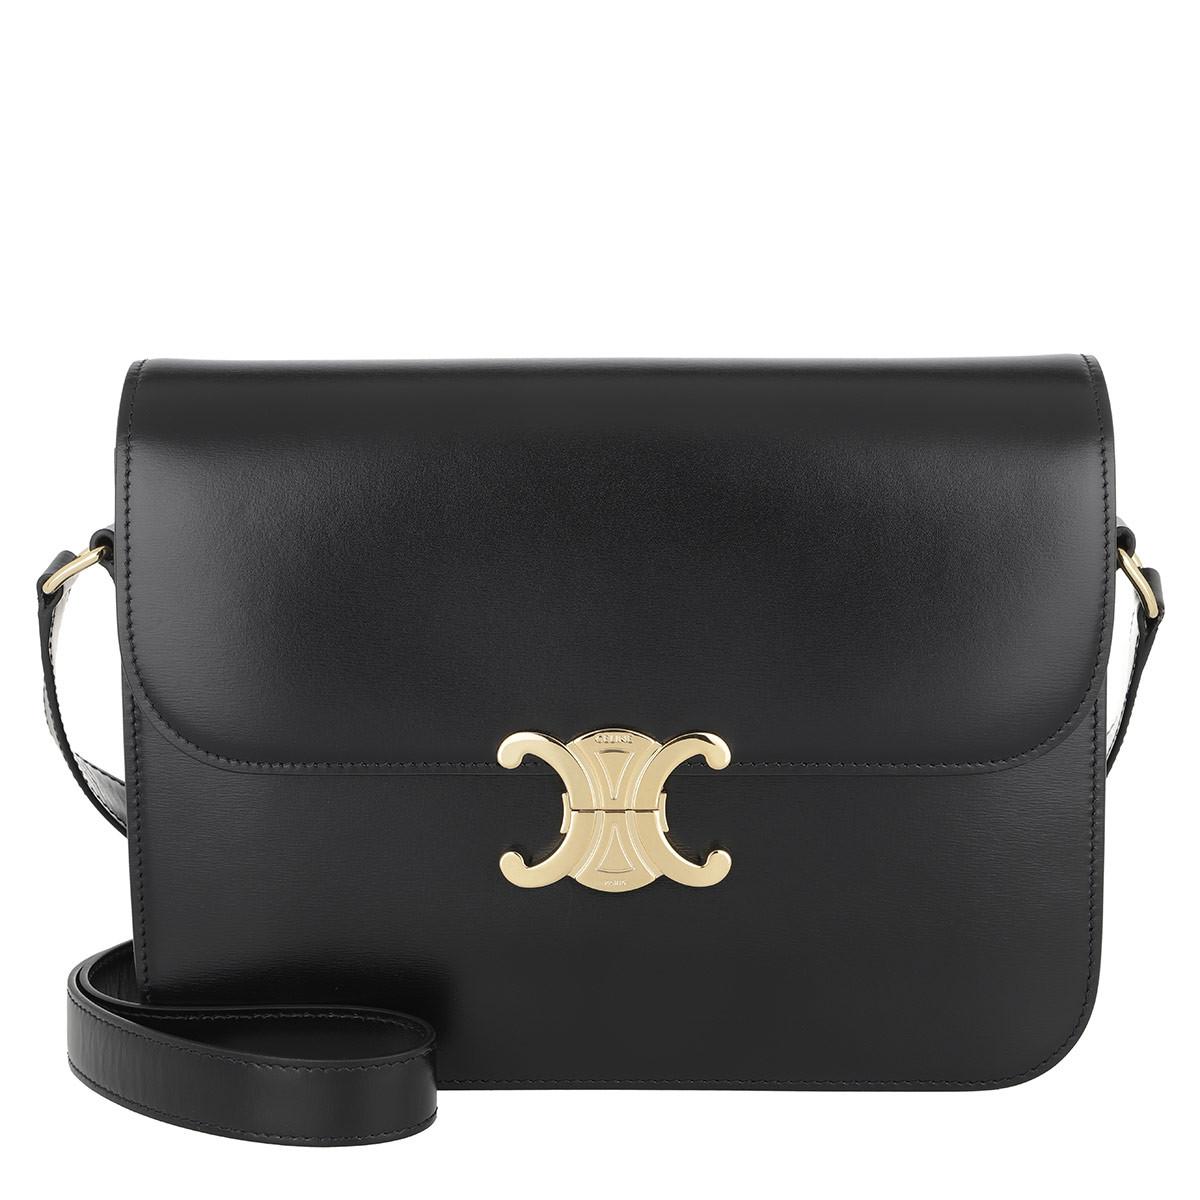 Celine Umhängetasche - Triomphe Bag Large Leather Black - in schwarz - für Damen